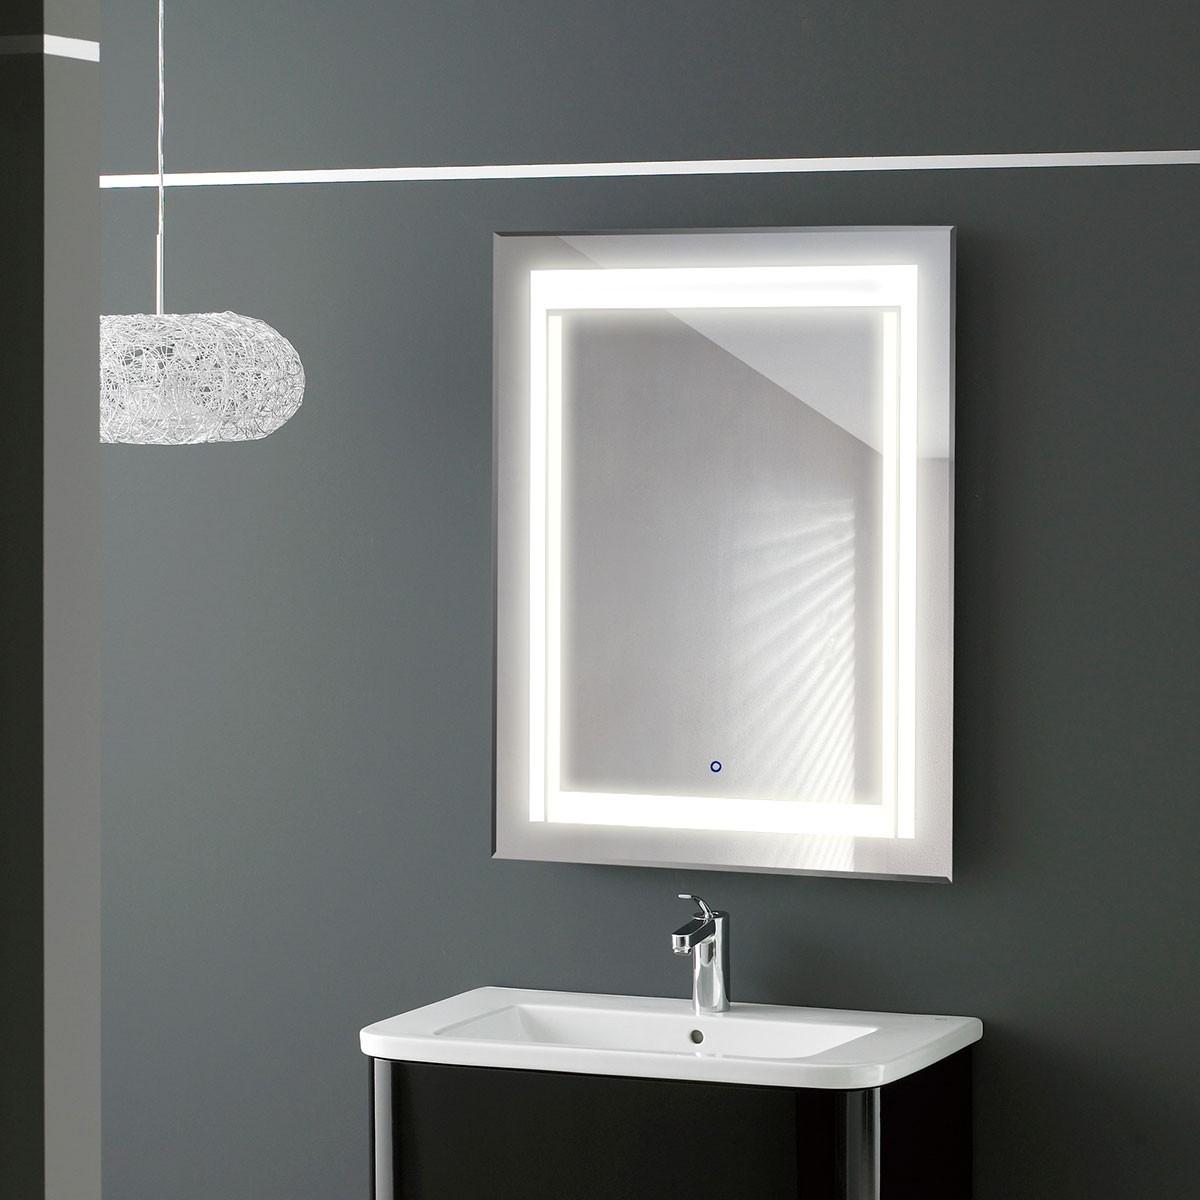 Spot salle de bain avec interrupteur for Miroir salle de bain avec spot